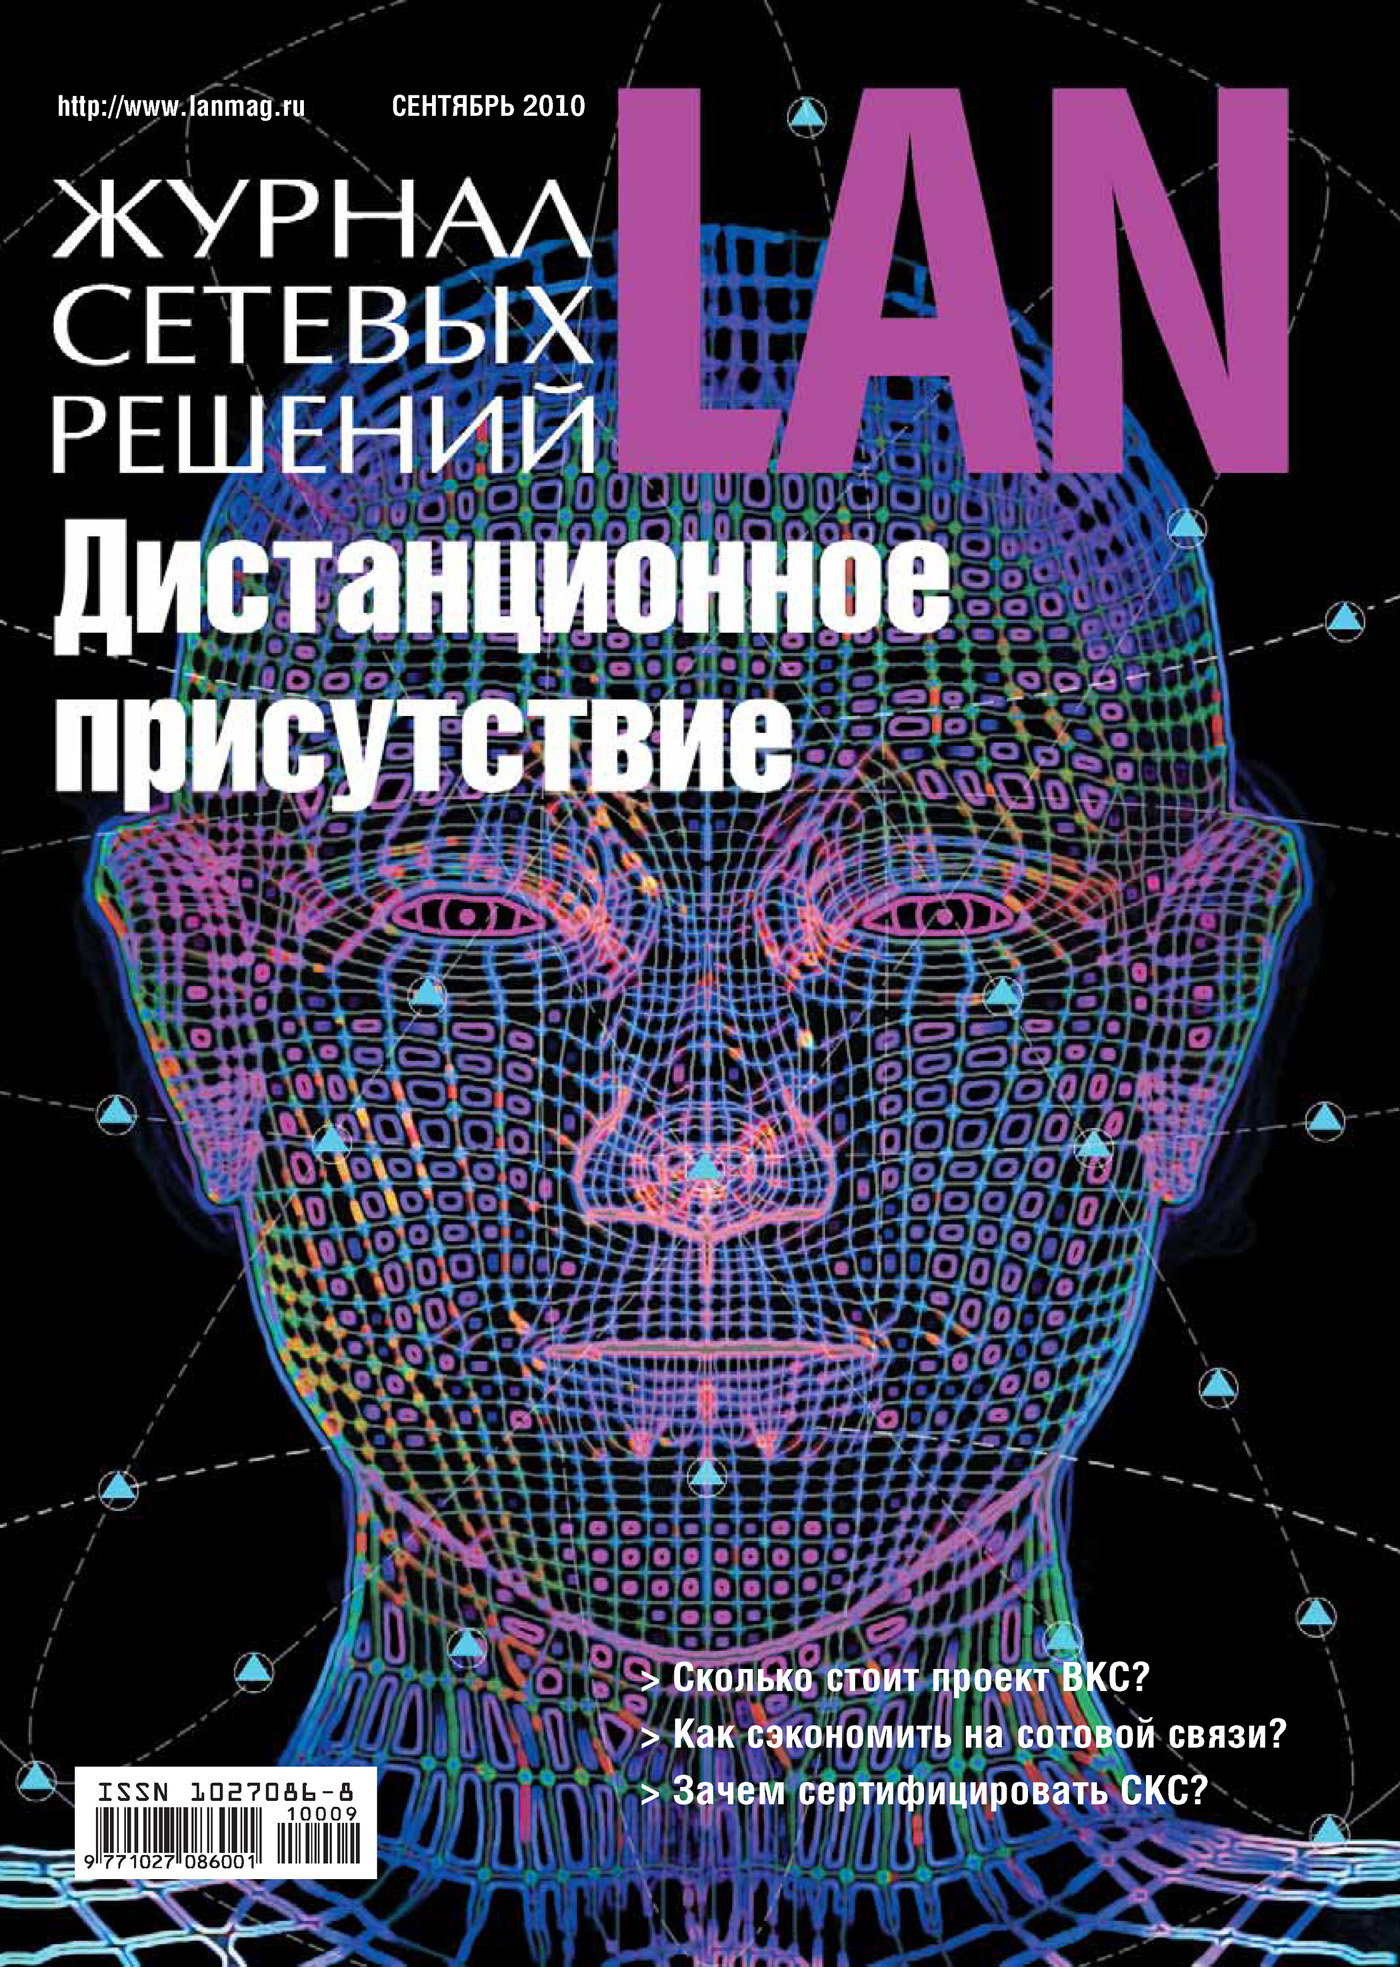 Фото - Открытые системы Журнал сетевых решений / LAN №09/2010 серверы